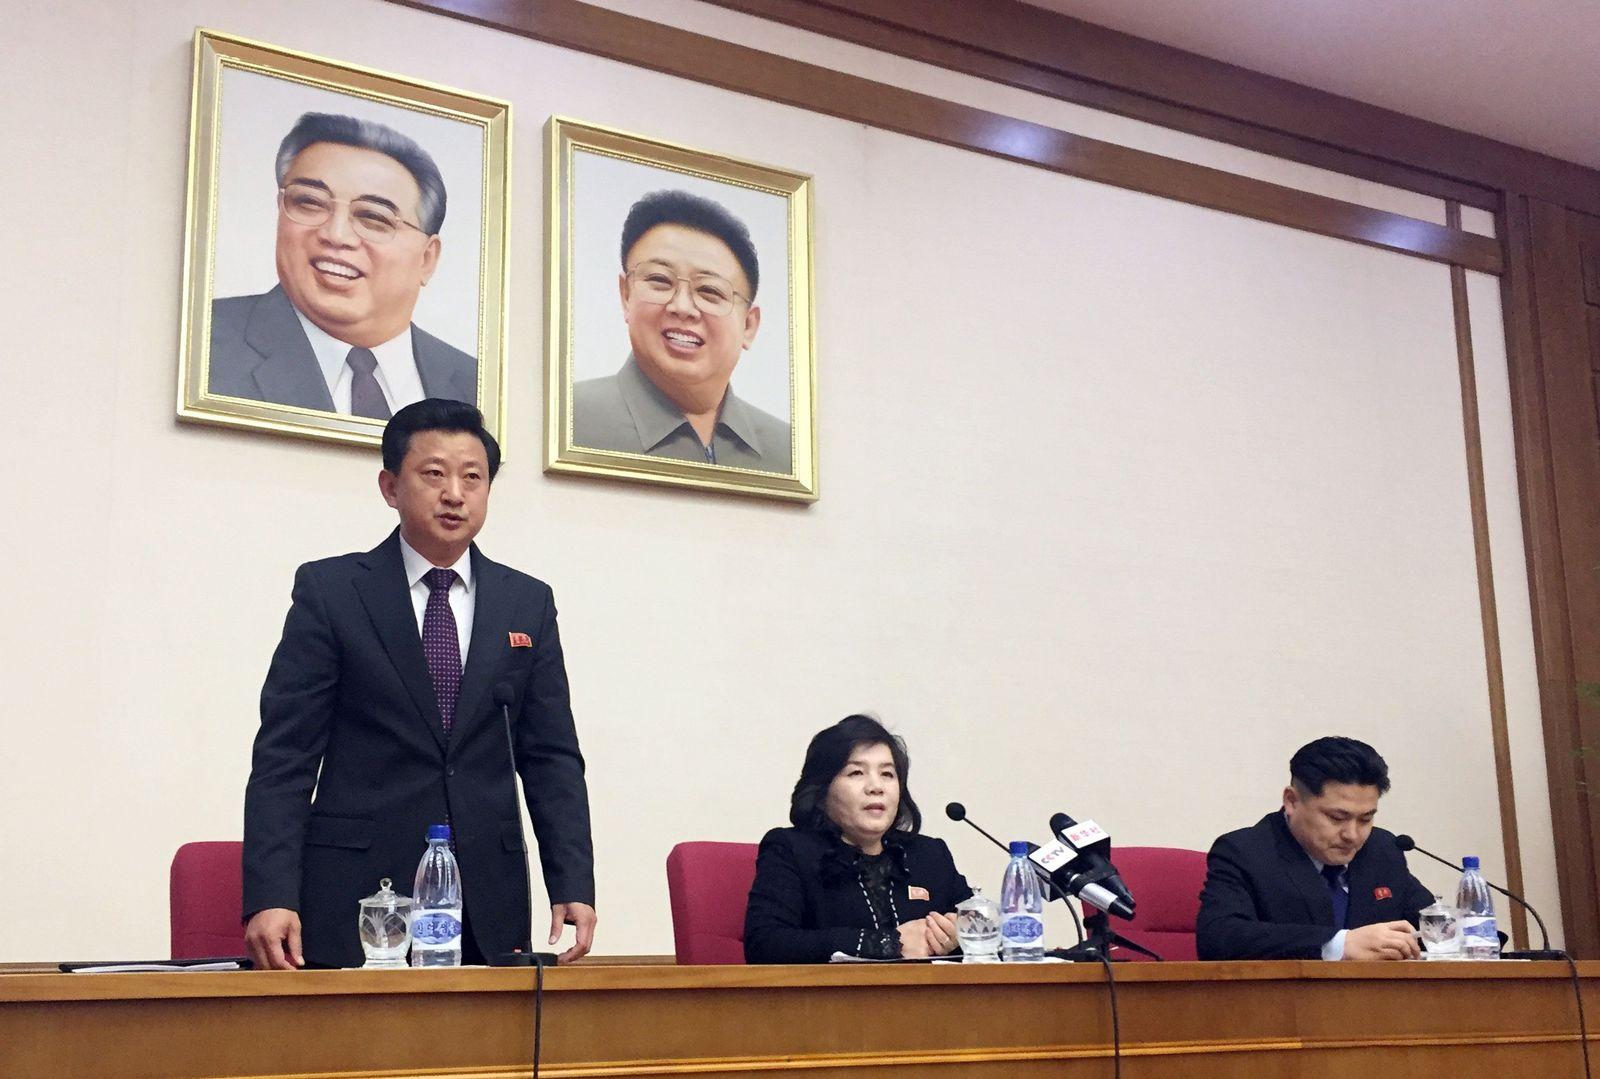 Kim Jong Un/ North Korea US